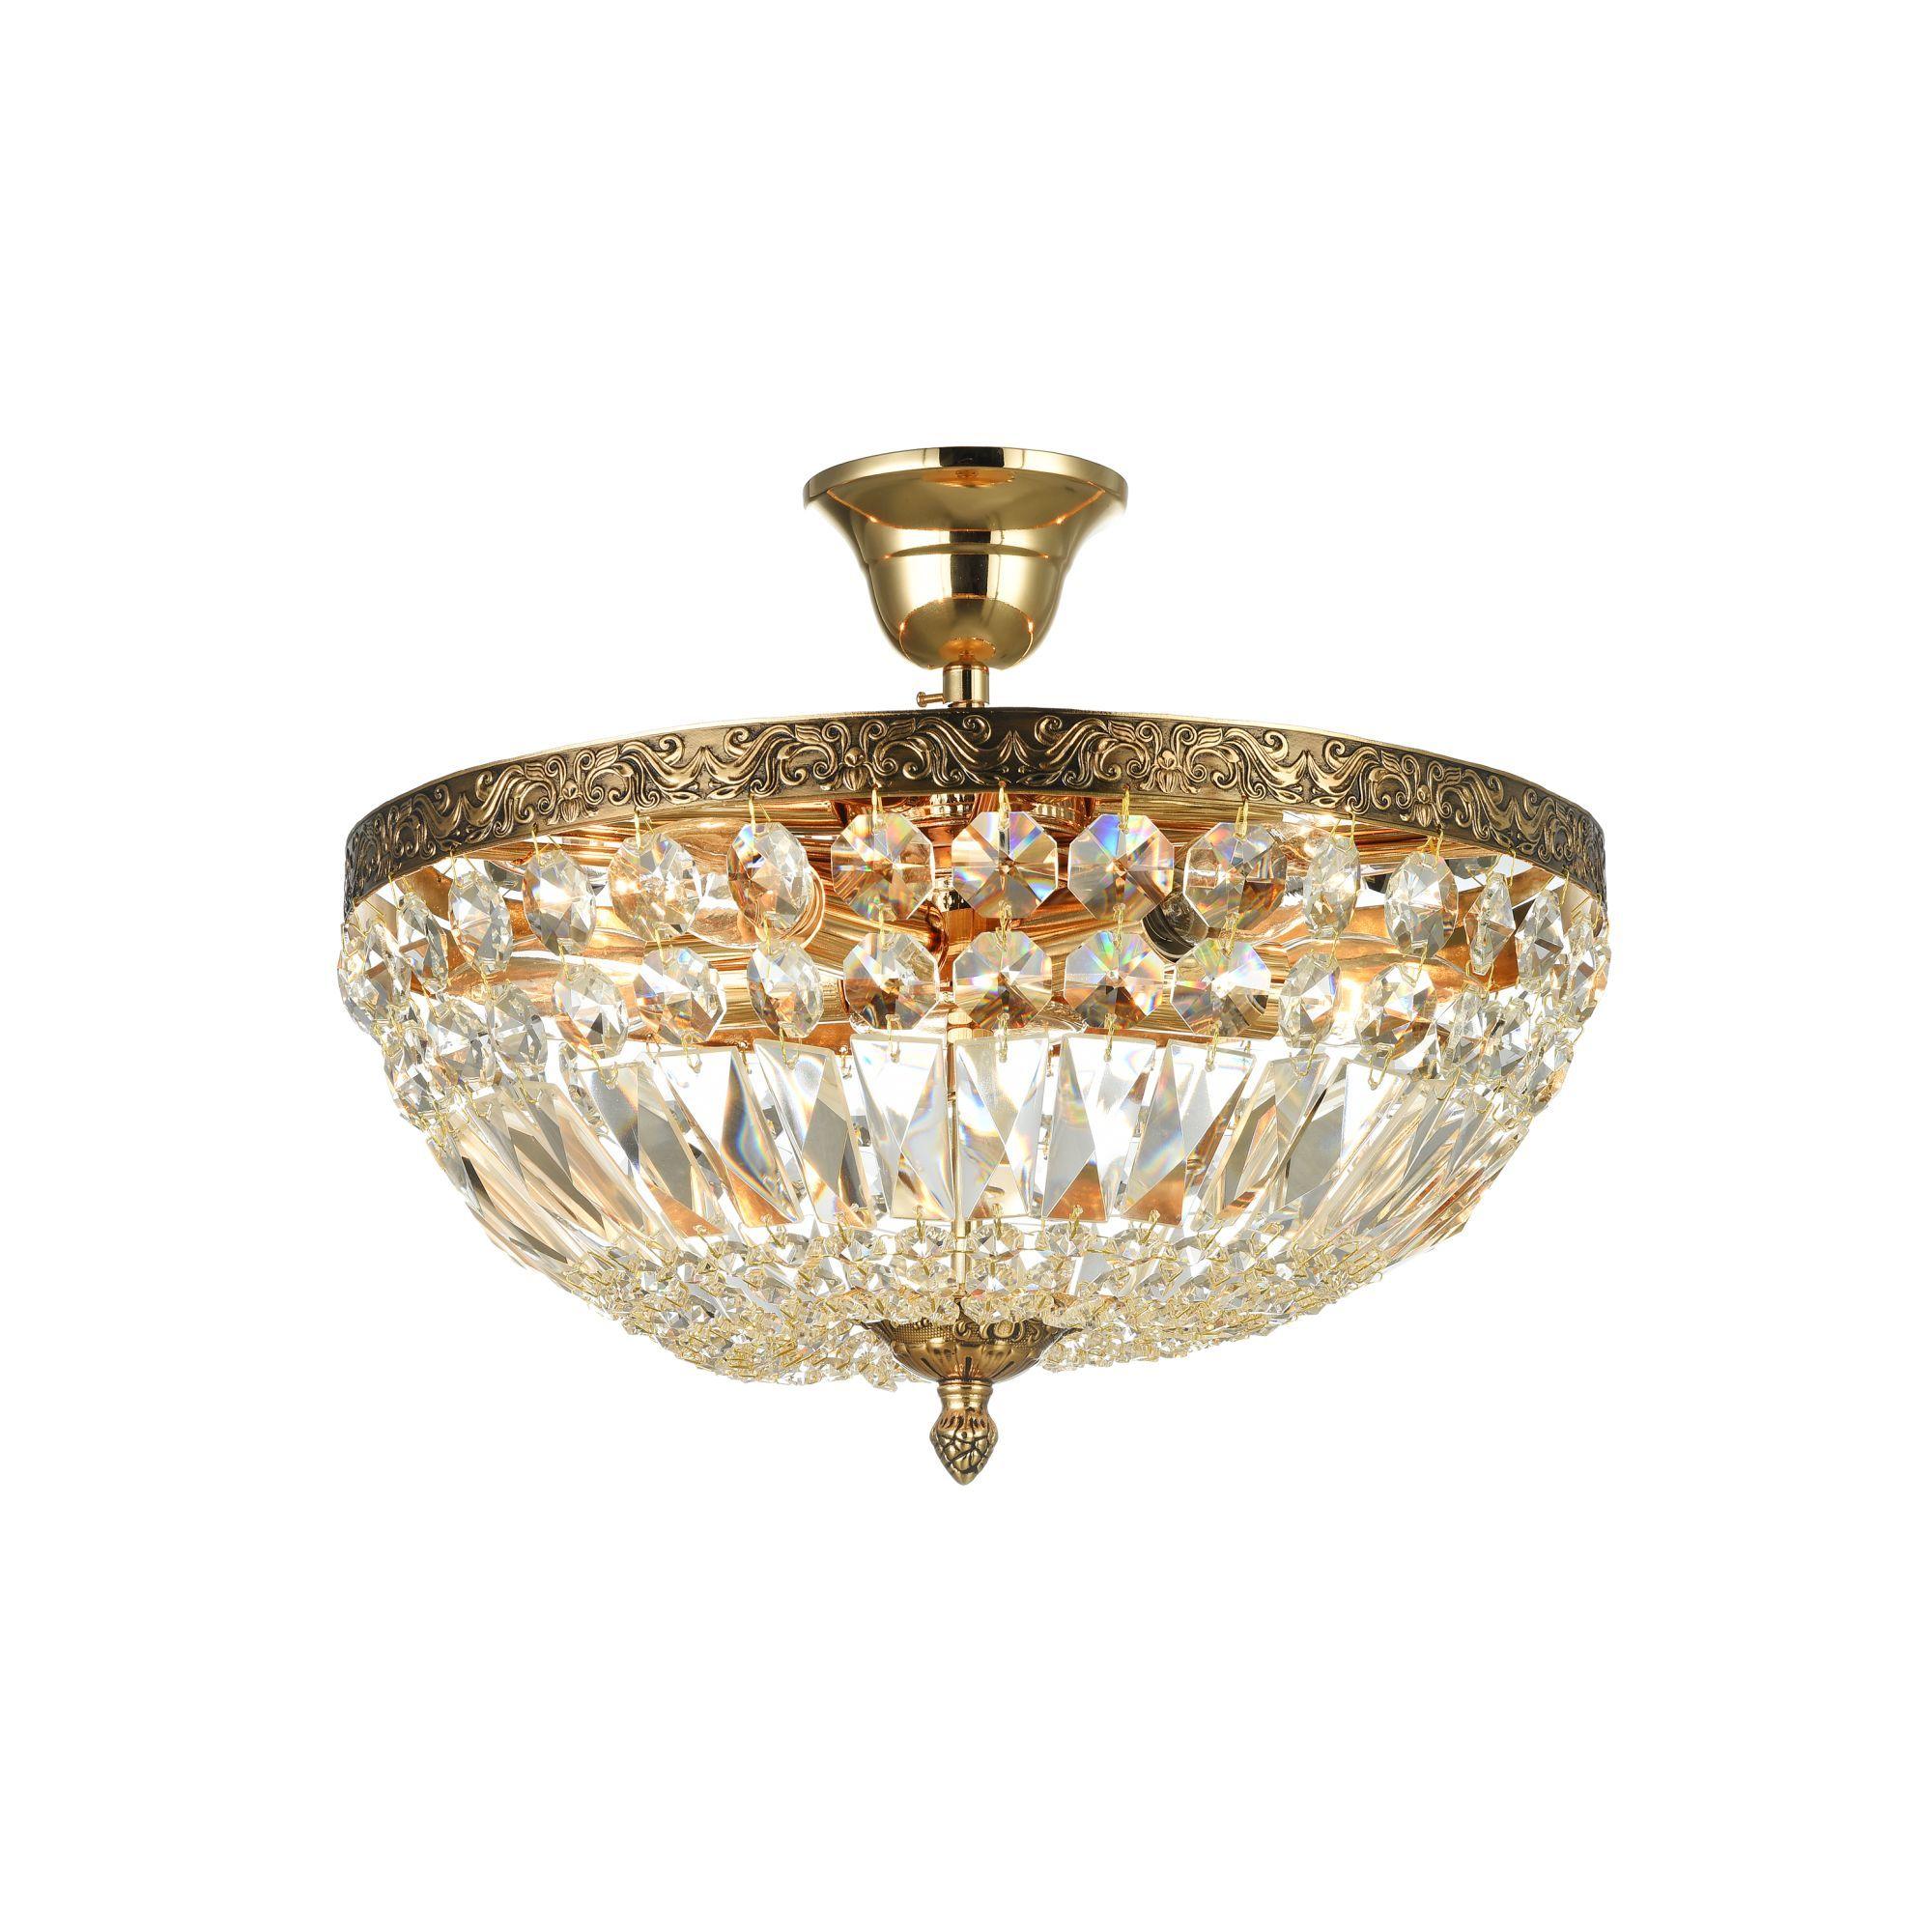 Потолочная люстра Maytoni Tiara DIA500-CL-30-05-G (b500-pt30-g), 5xE14x60W, черненое золото, прозрачный, металл, хрусталь - фото 1